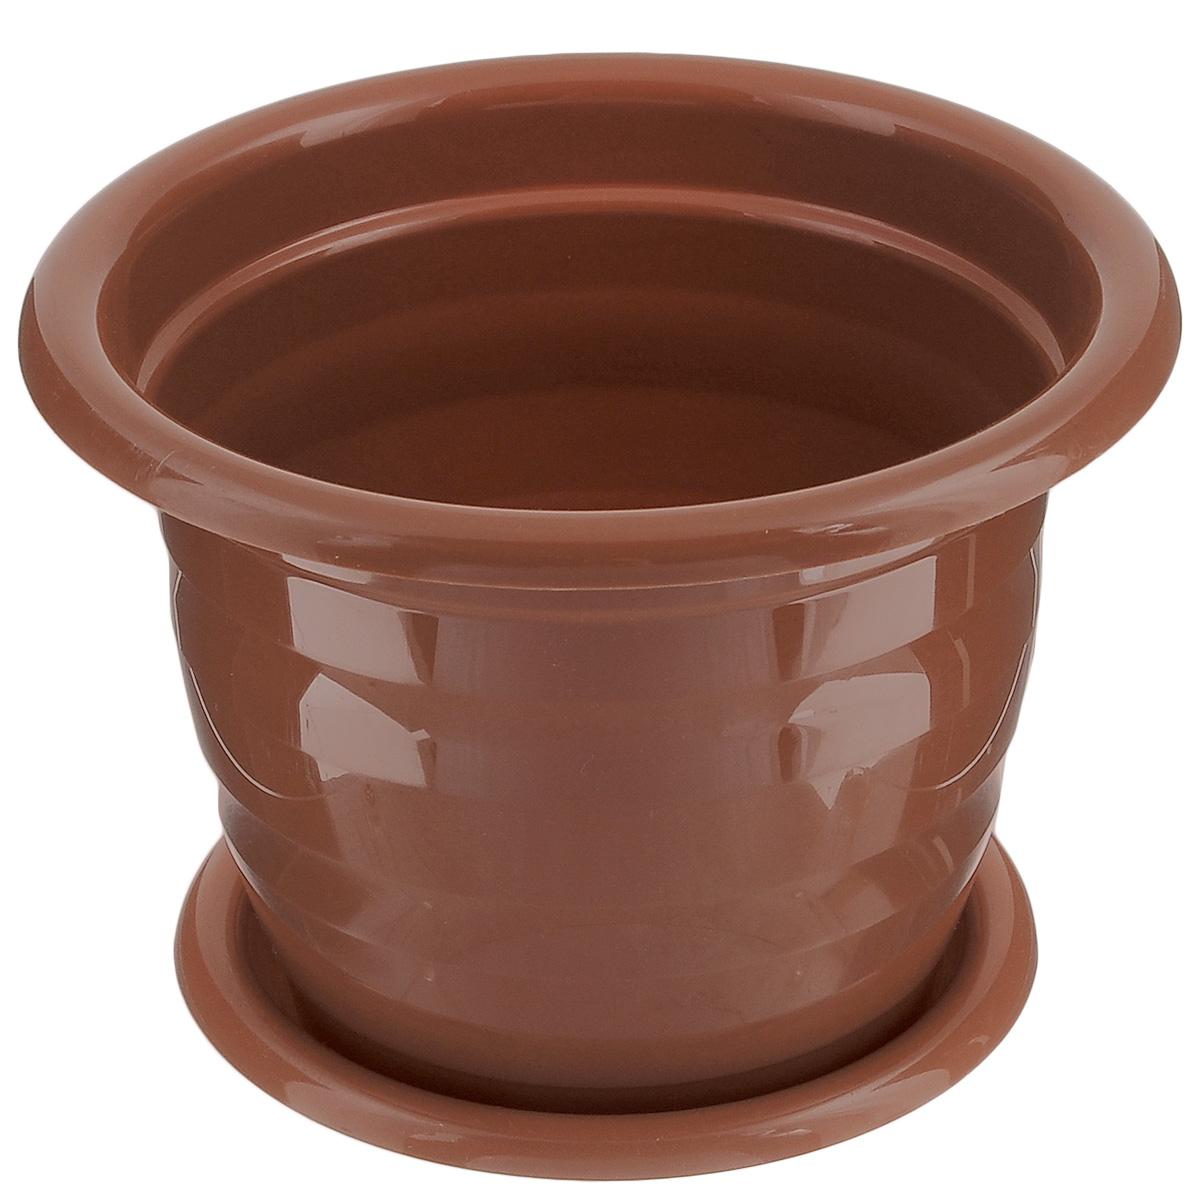 Горшок для цветов Альтернатива Виола, с поддоном, цвет: коричневый, 2 л, диаметр 18 смМ1531Цветочный горшок Альтернатива Виола выполнен из пластика и предназначен для выращивания в нем цветов, растений и трав. Такой горшок порадует вас современным дизайном и функциональностью, а также оригинально украсит интерьер помещения. К горшку прилагается поддон. Объем горшка: 2 л. Диаметр горшка: 18 см. Высота горшка: 15 см. Диаметр поддона: 15 см.